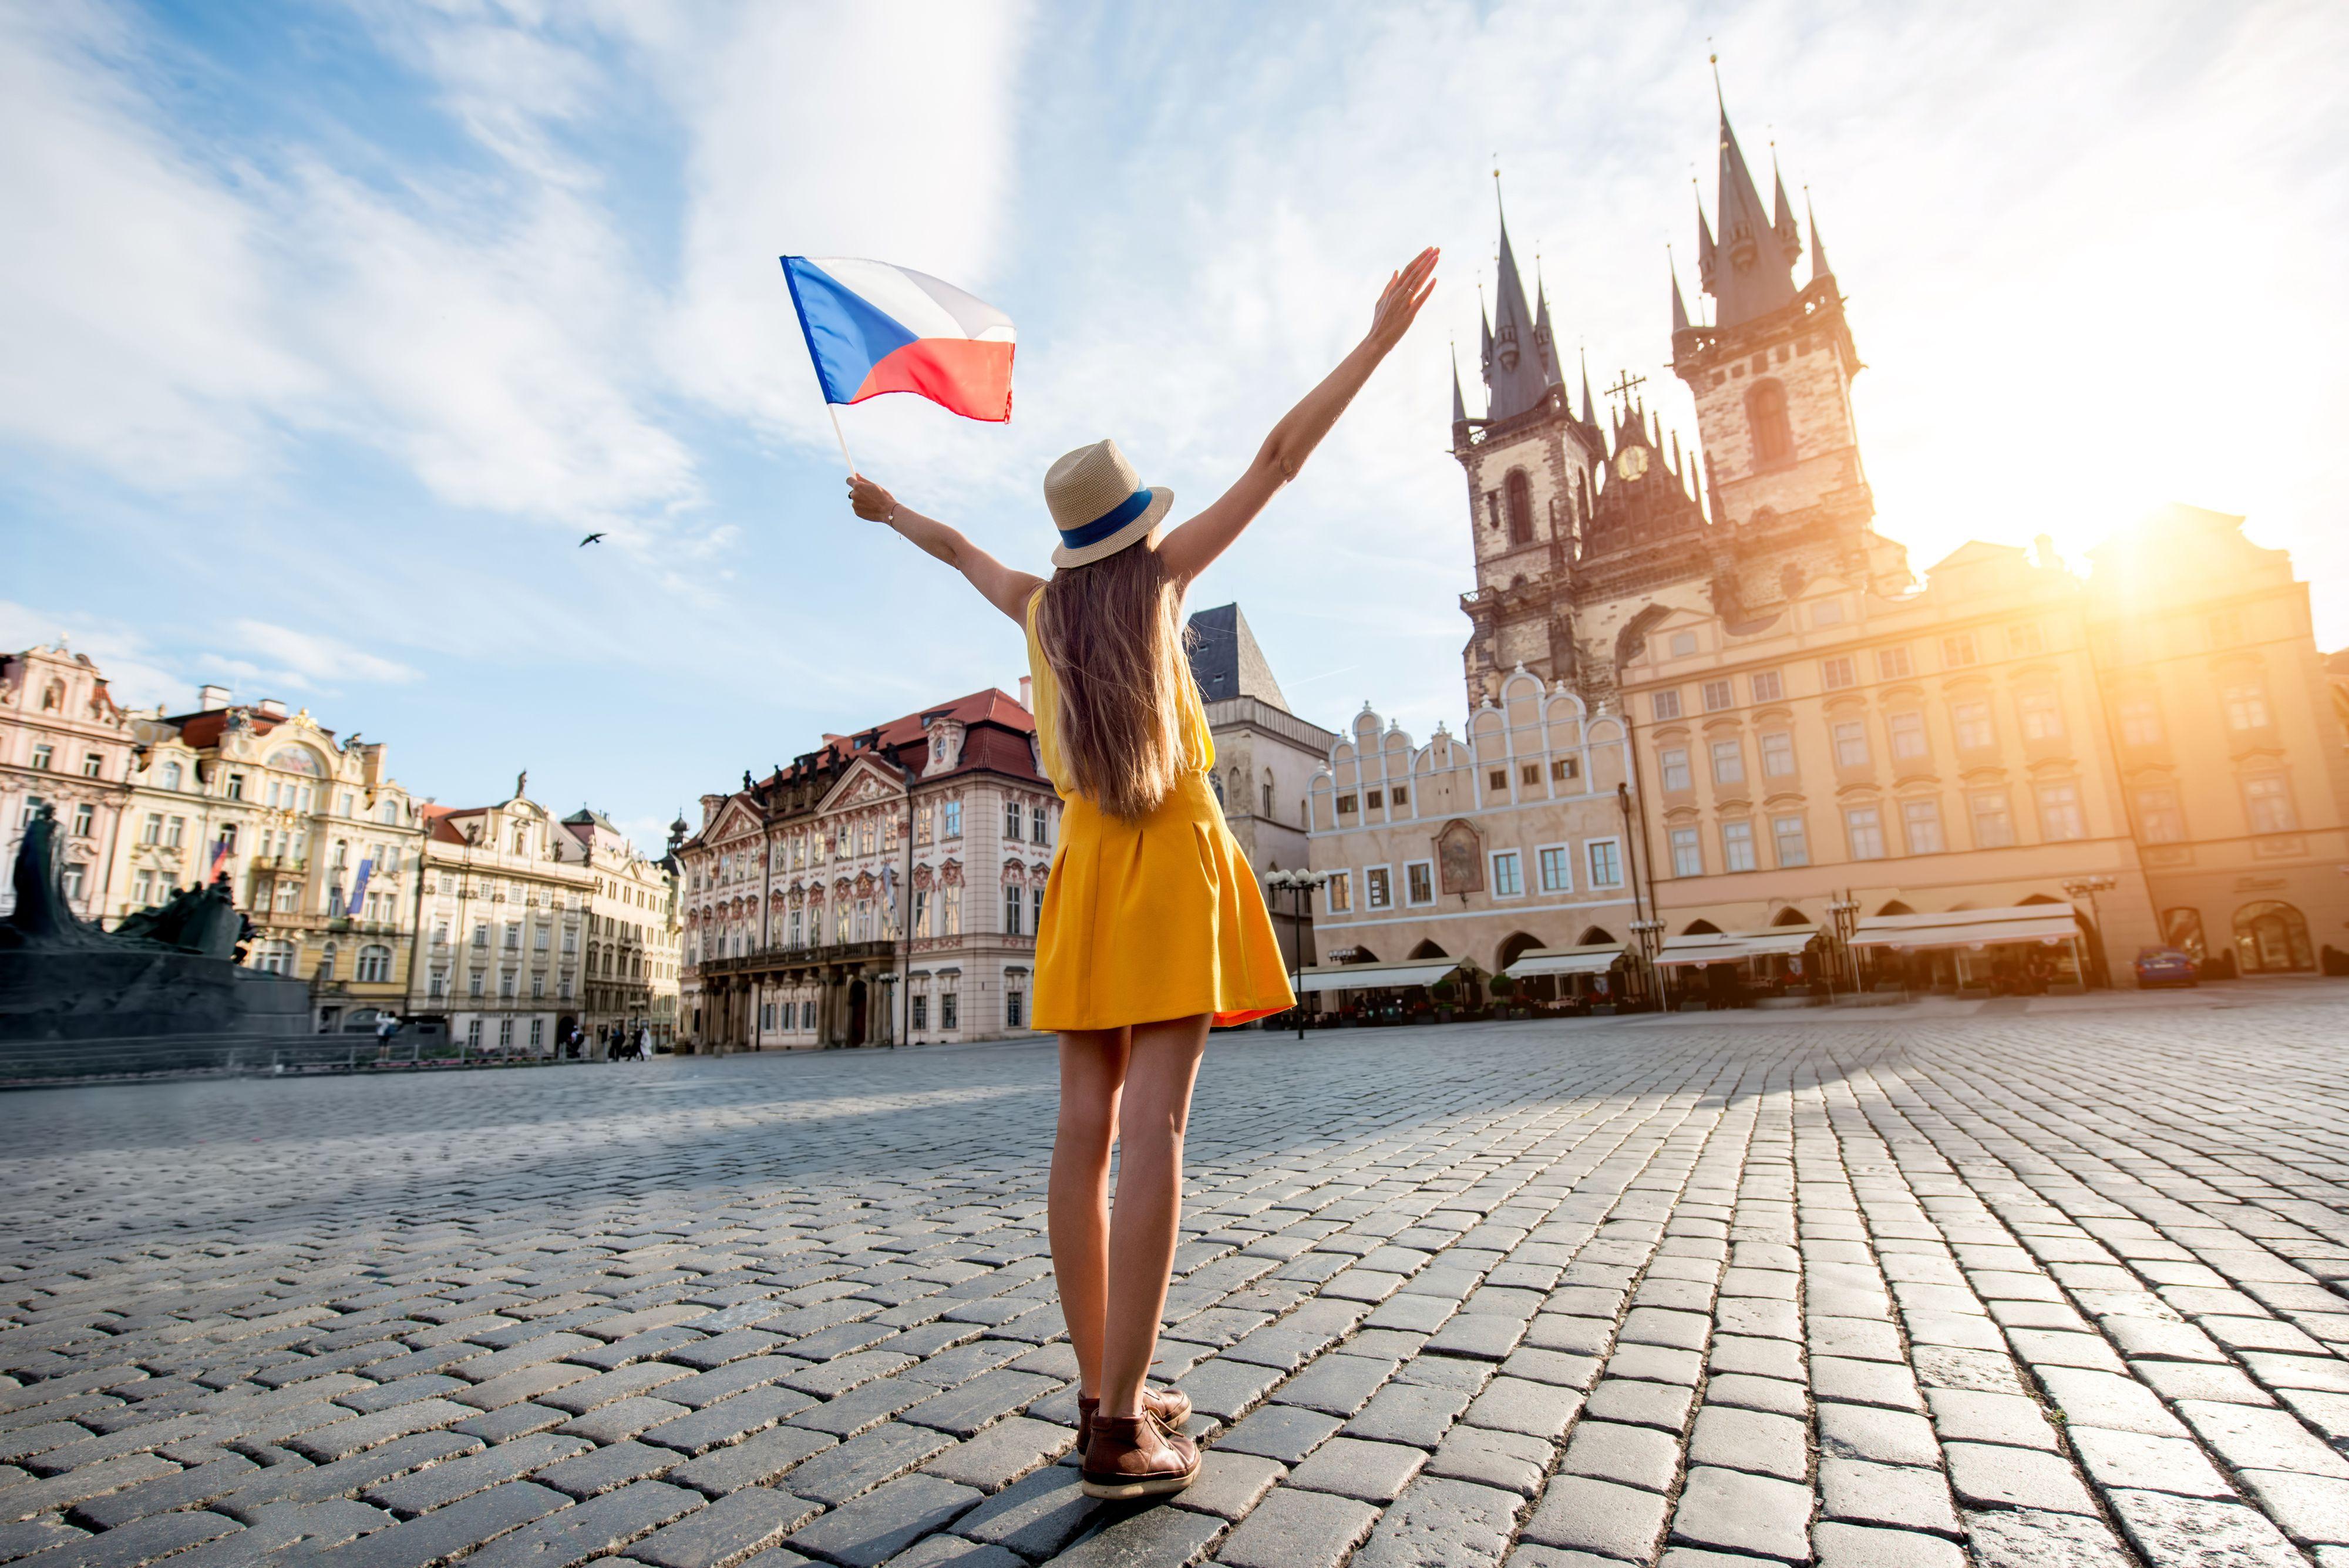 Przykład Czechów to sygnał, że rywalizacja o kadry w Europie zaczyna przybierać na sile. (Fot. Shutterstock)